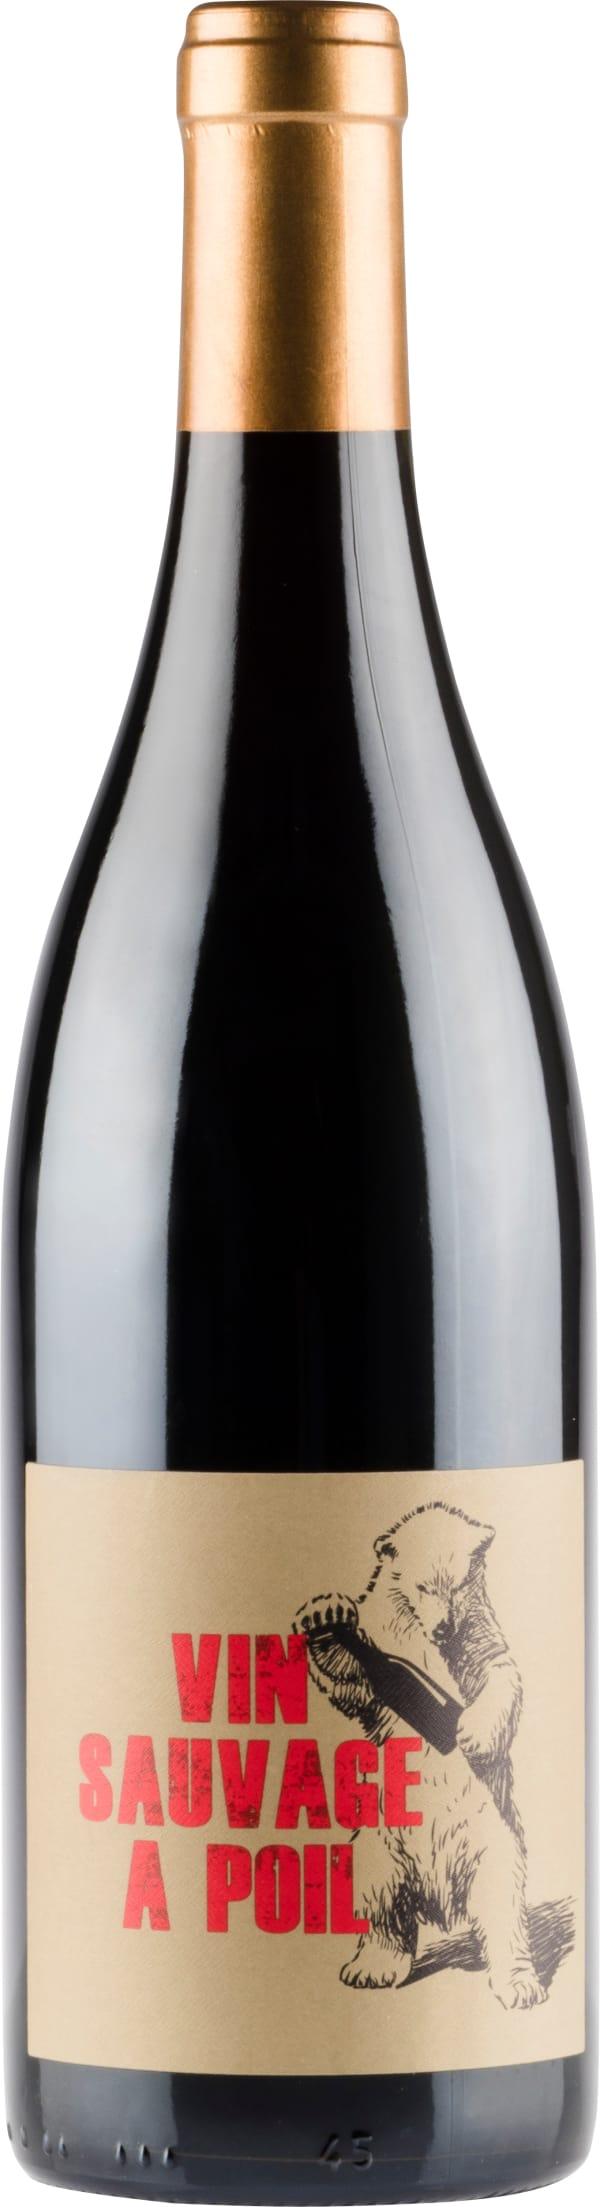 Vin Sauvage a Poil Regnie 2017